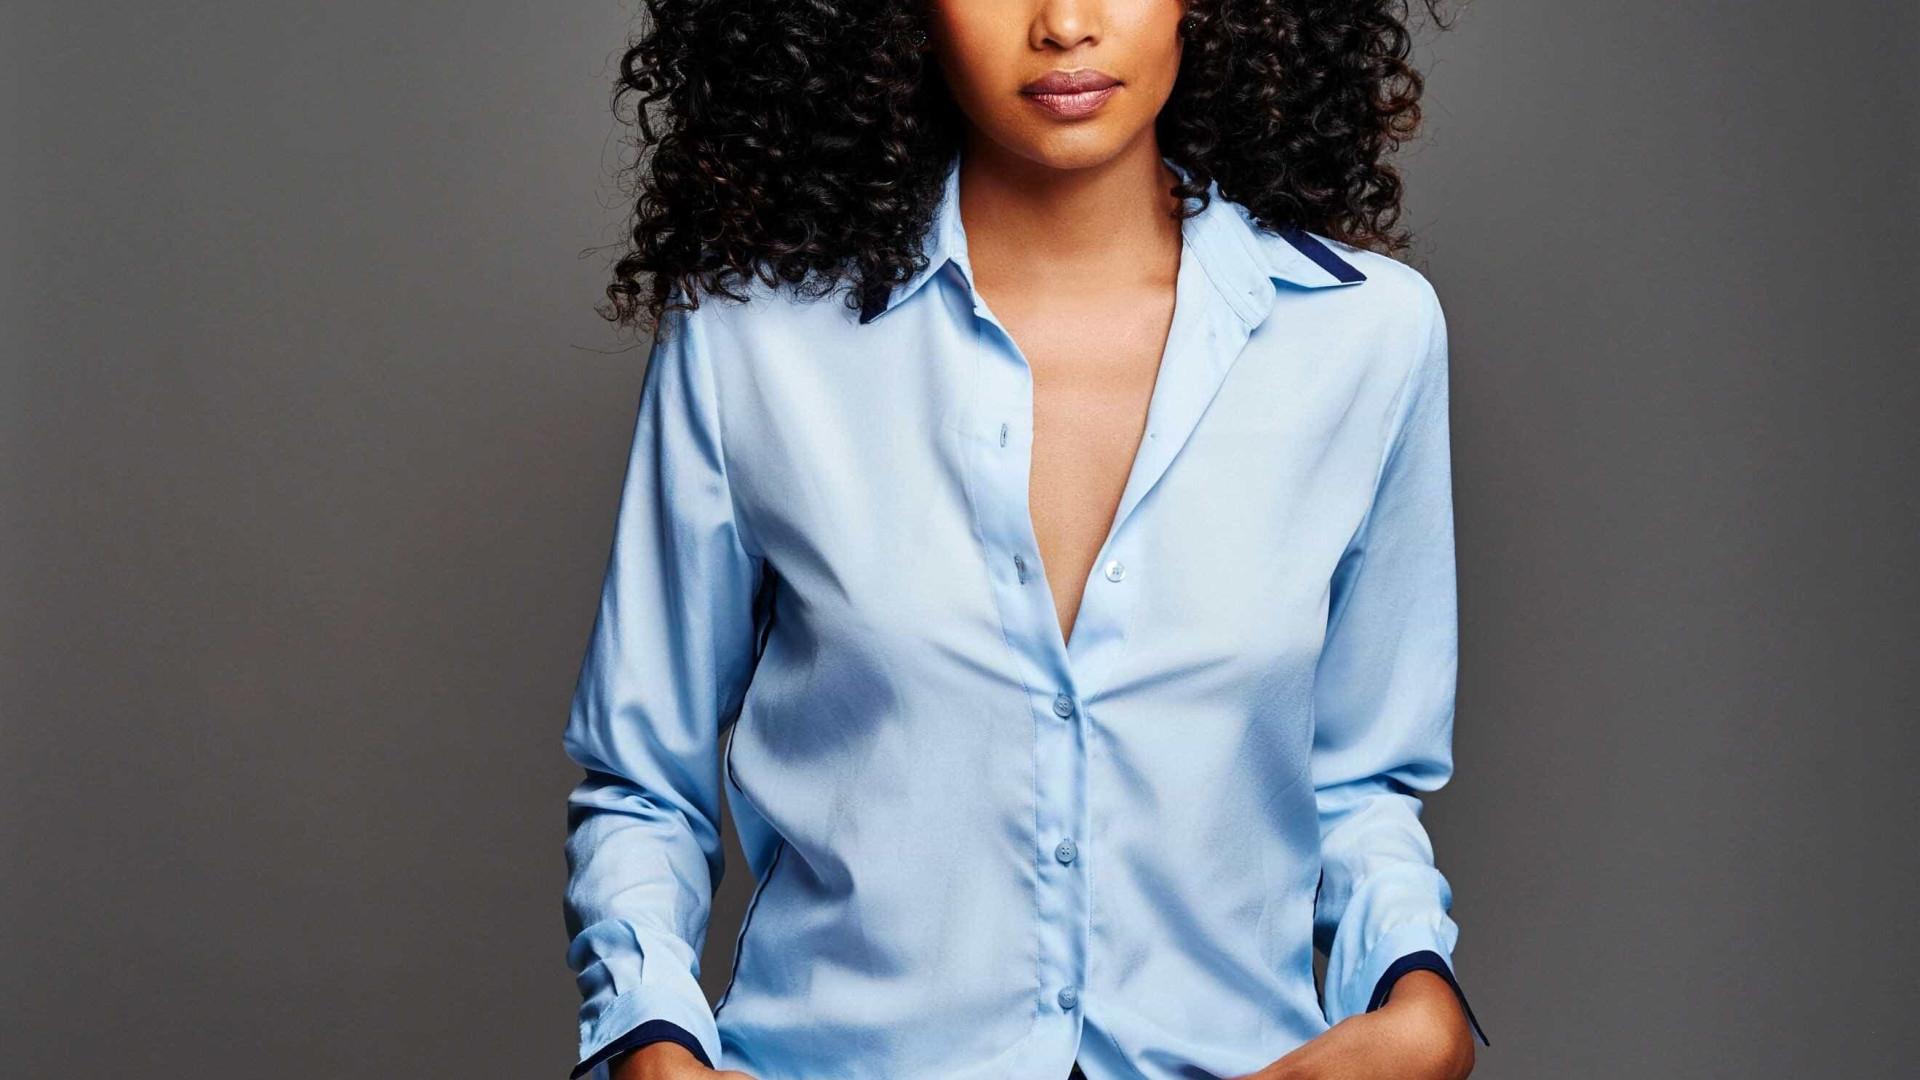 Lucy Ramos destaca presença de atores negros em 'O Tempo Não Para'